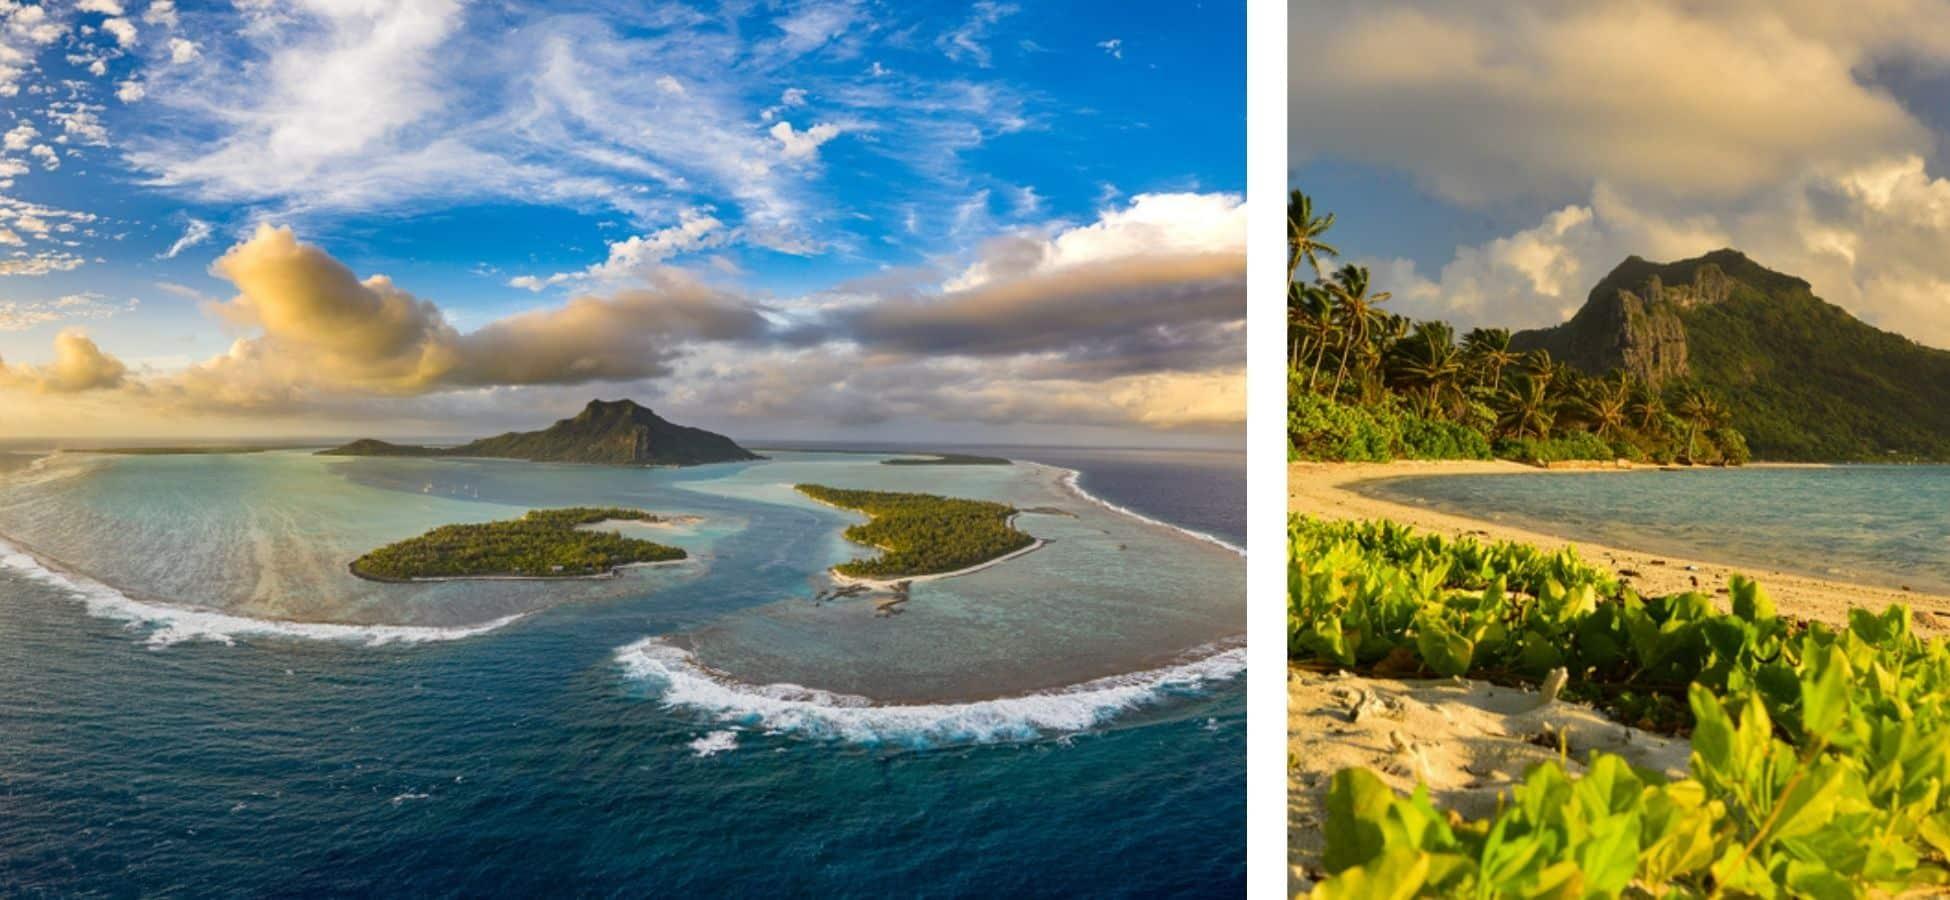 L'île de Maupiti dans le Pacifique